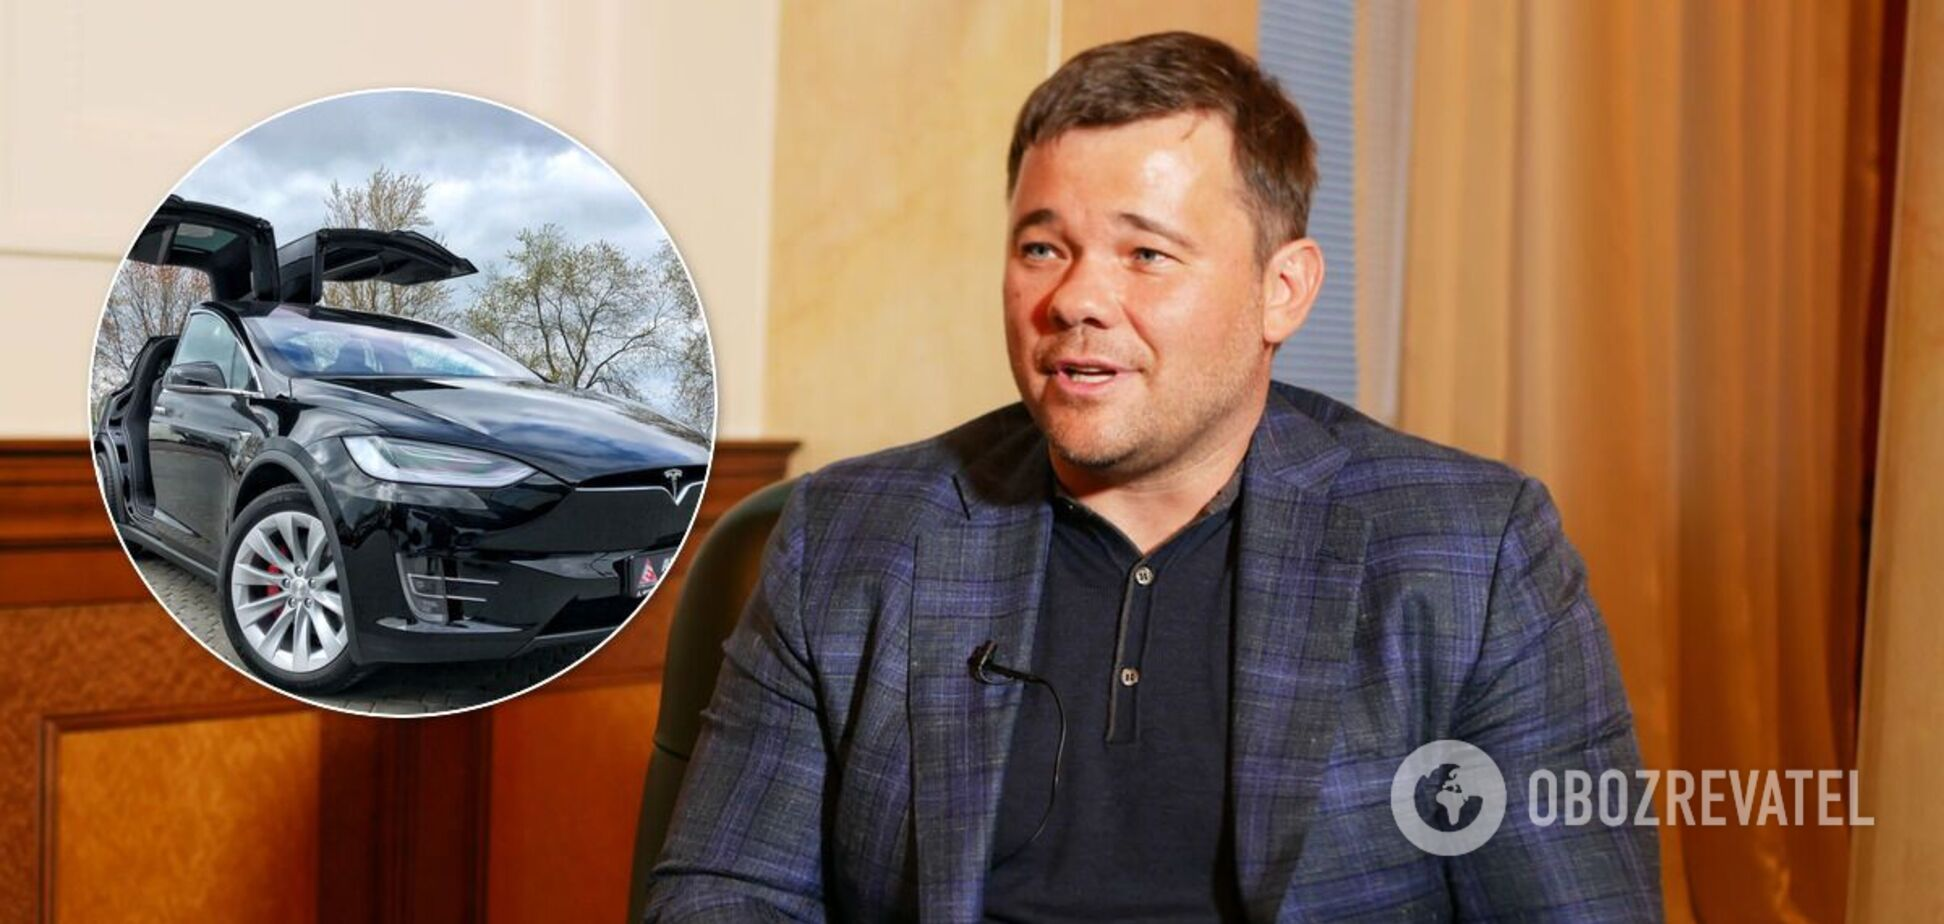 Машину Богдана сожгли в Киеве